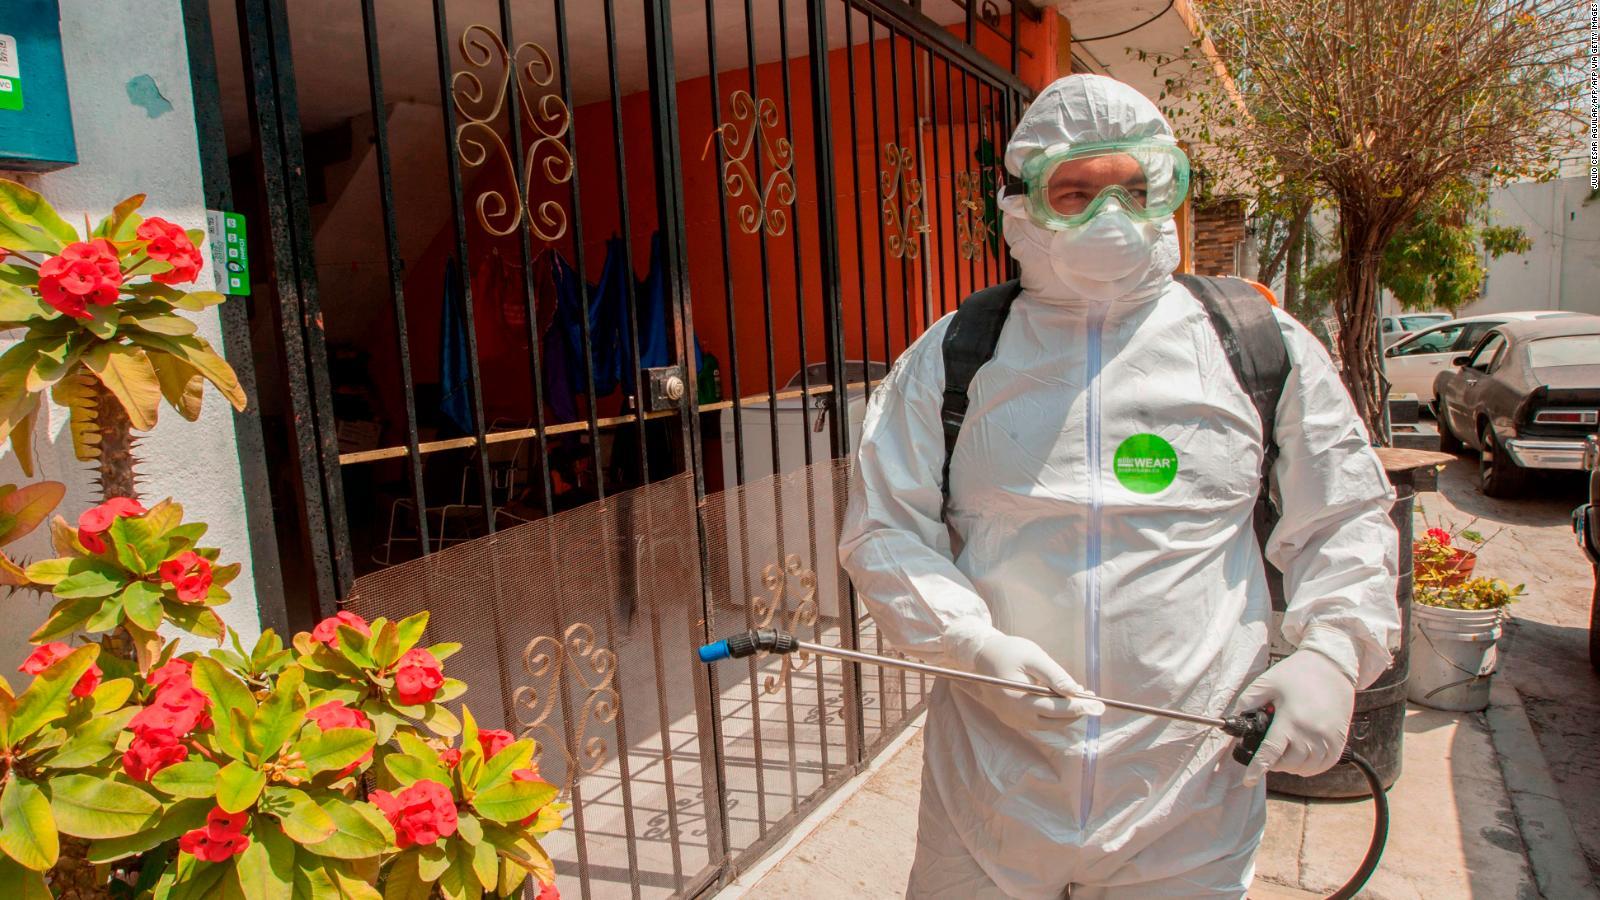 200330191440-yucatan-coronavirus-covid-quedateencasa-sur-mexico-medidas-carcel-pacientes-comtagio-suspension-perspectivas-mexico-cnne-00000623-full-169